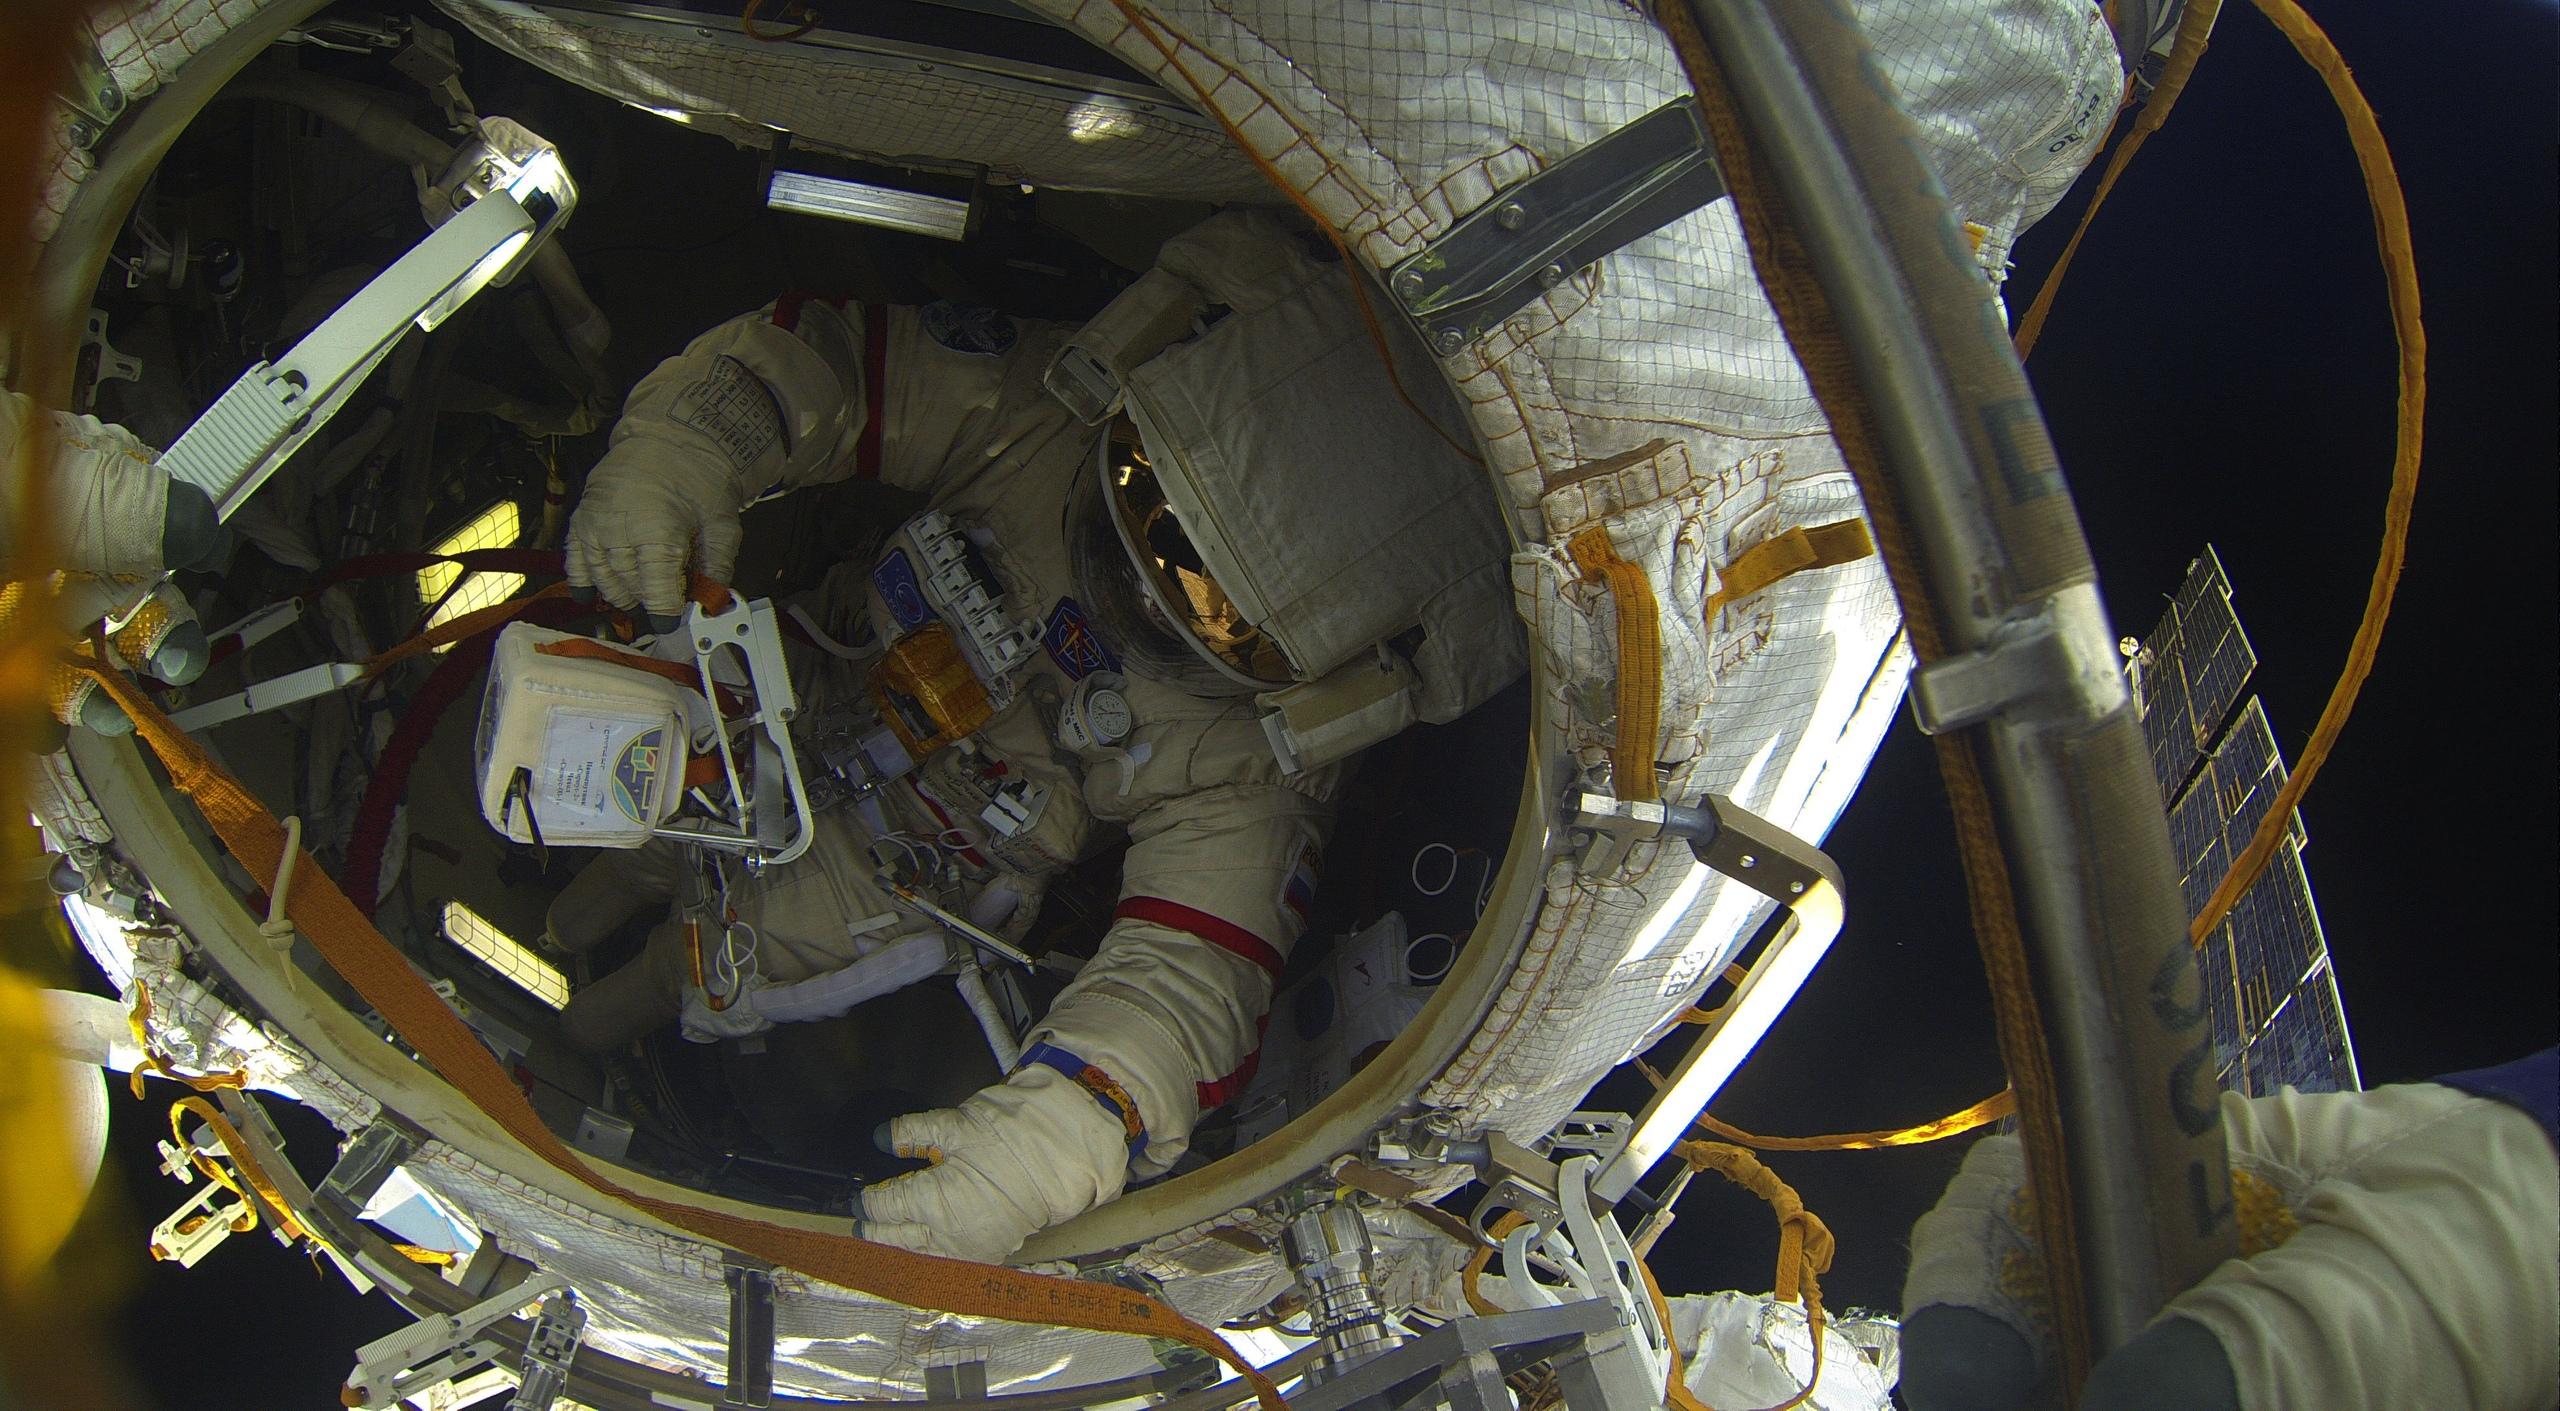 #галерея | Космонавт Олег Артемьев поделился фотографиями выхода в открытый космос